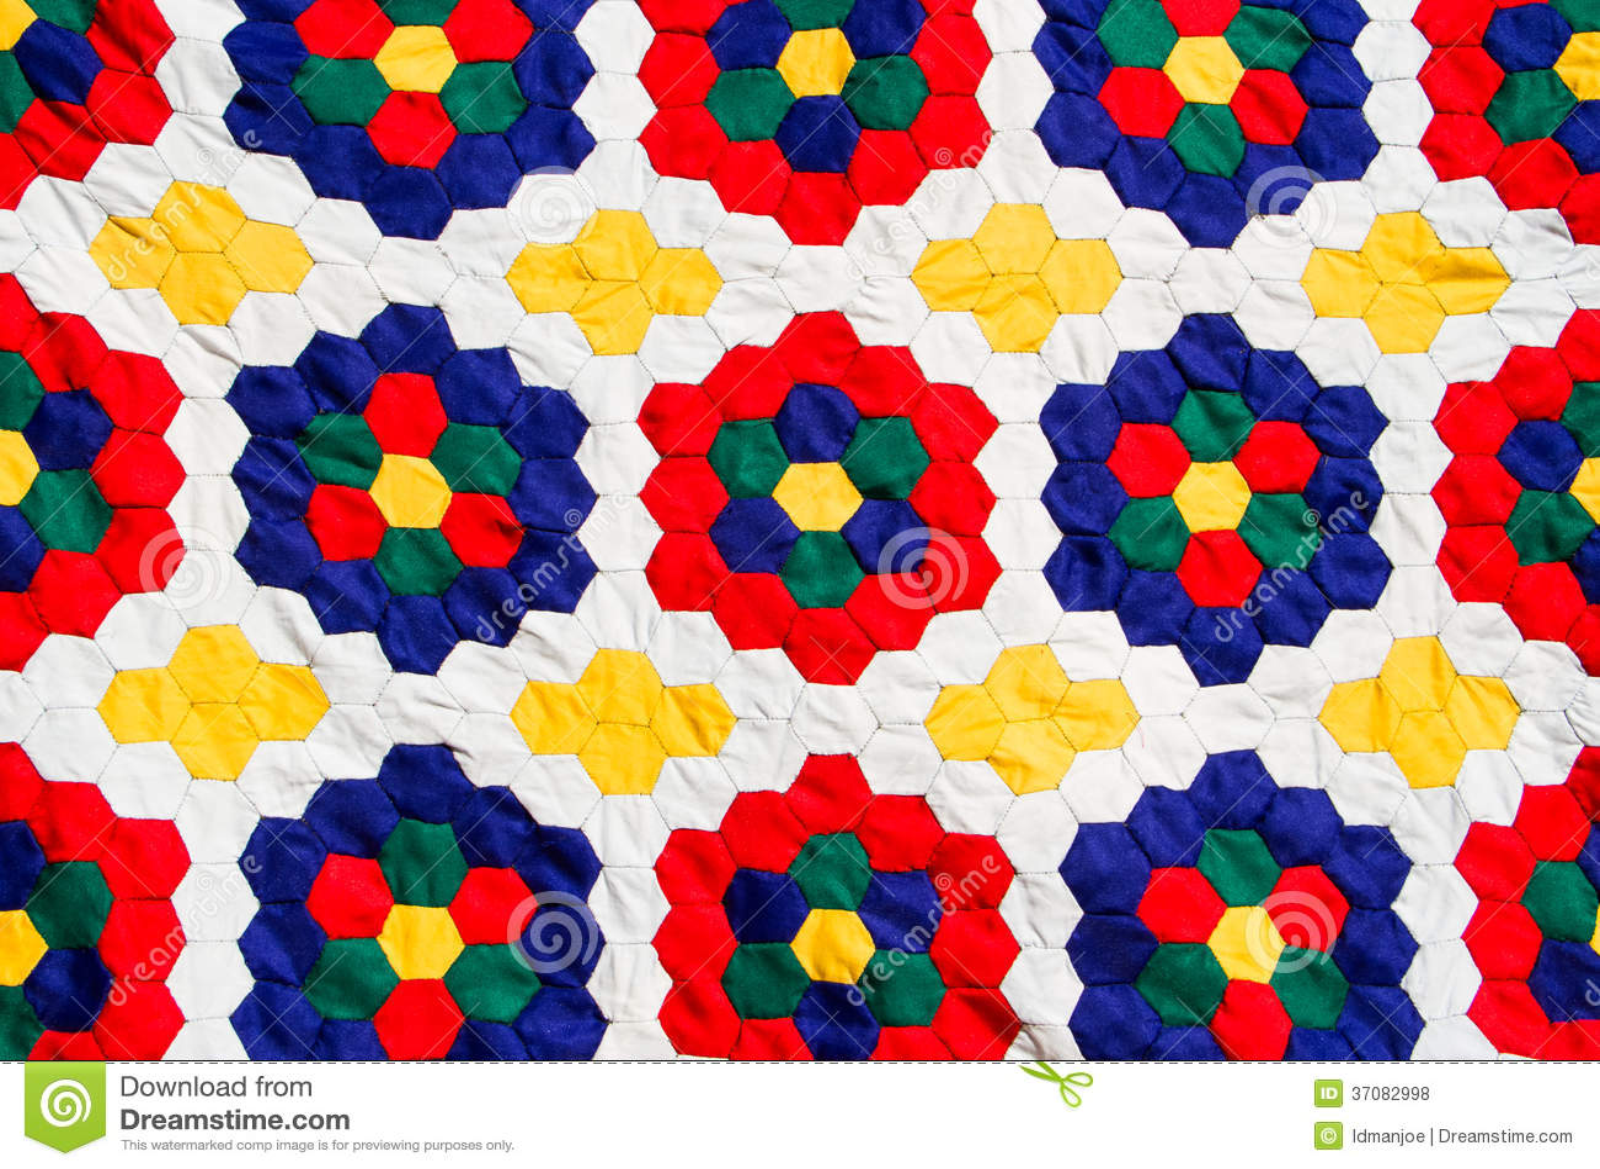 Download Kolorowa handmade tkanina zdjęcie stock. Obraz złożonej z bawełna - 37082998